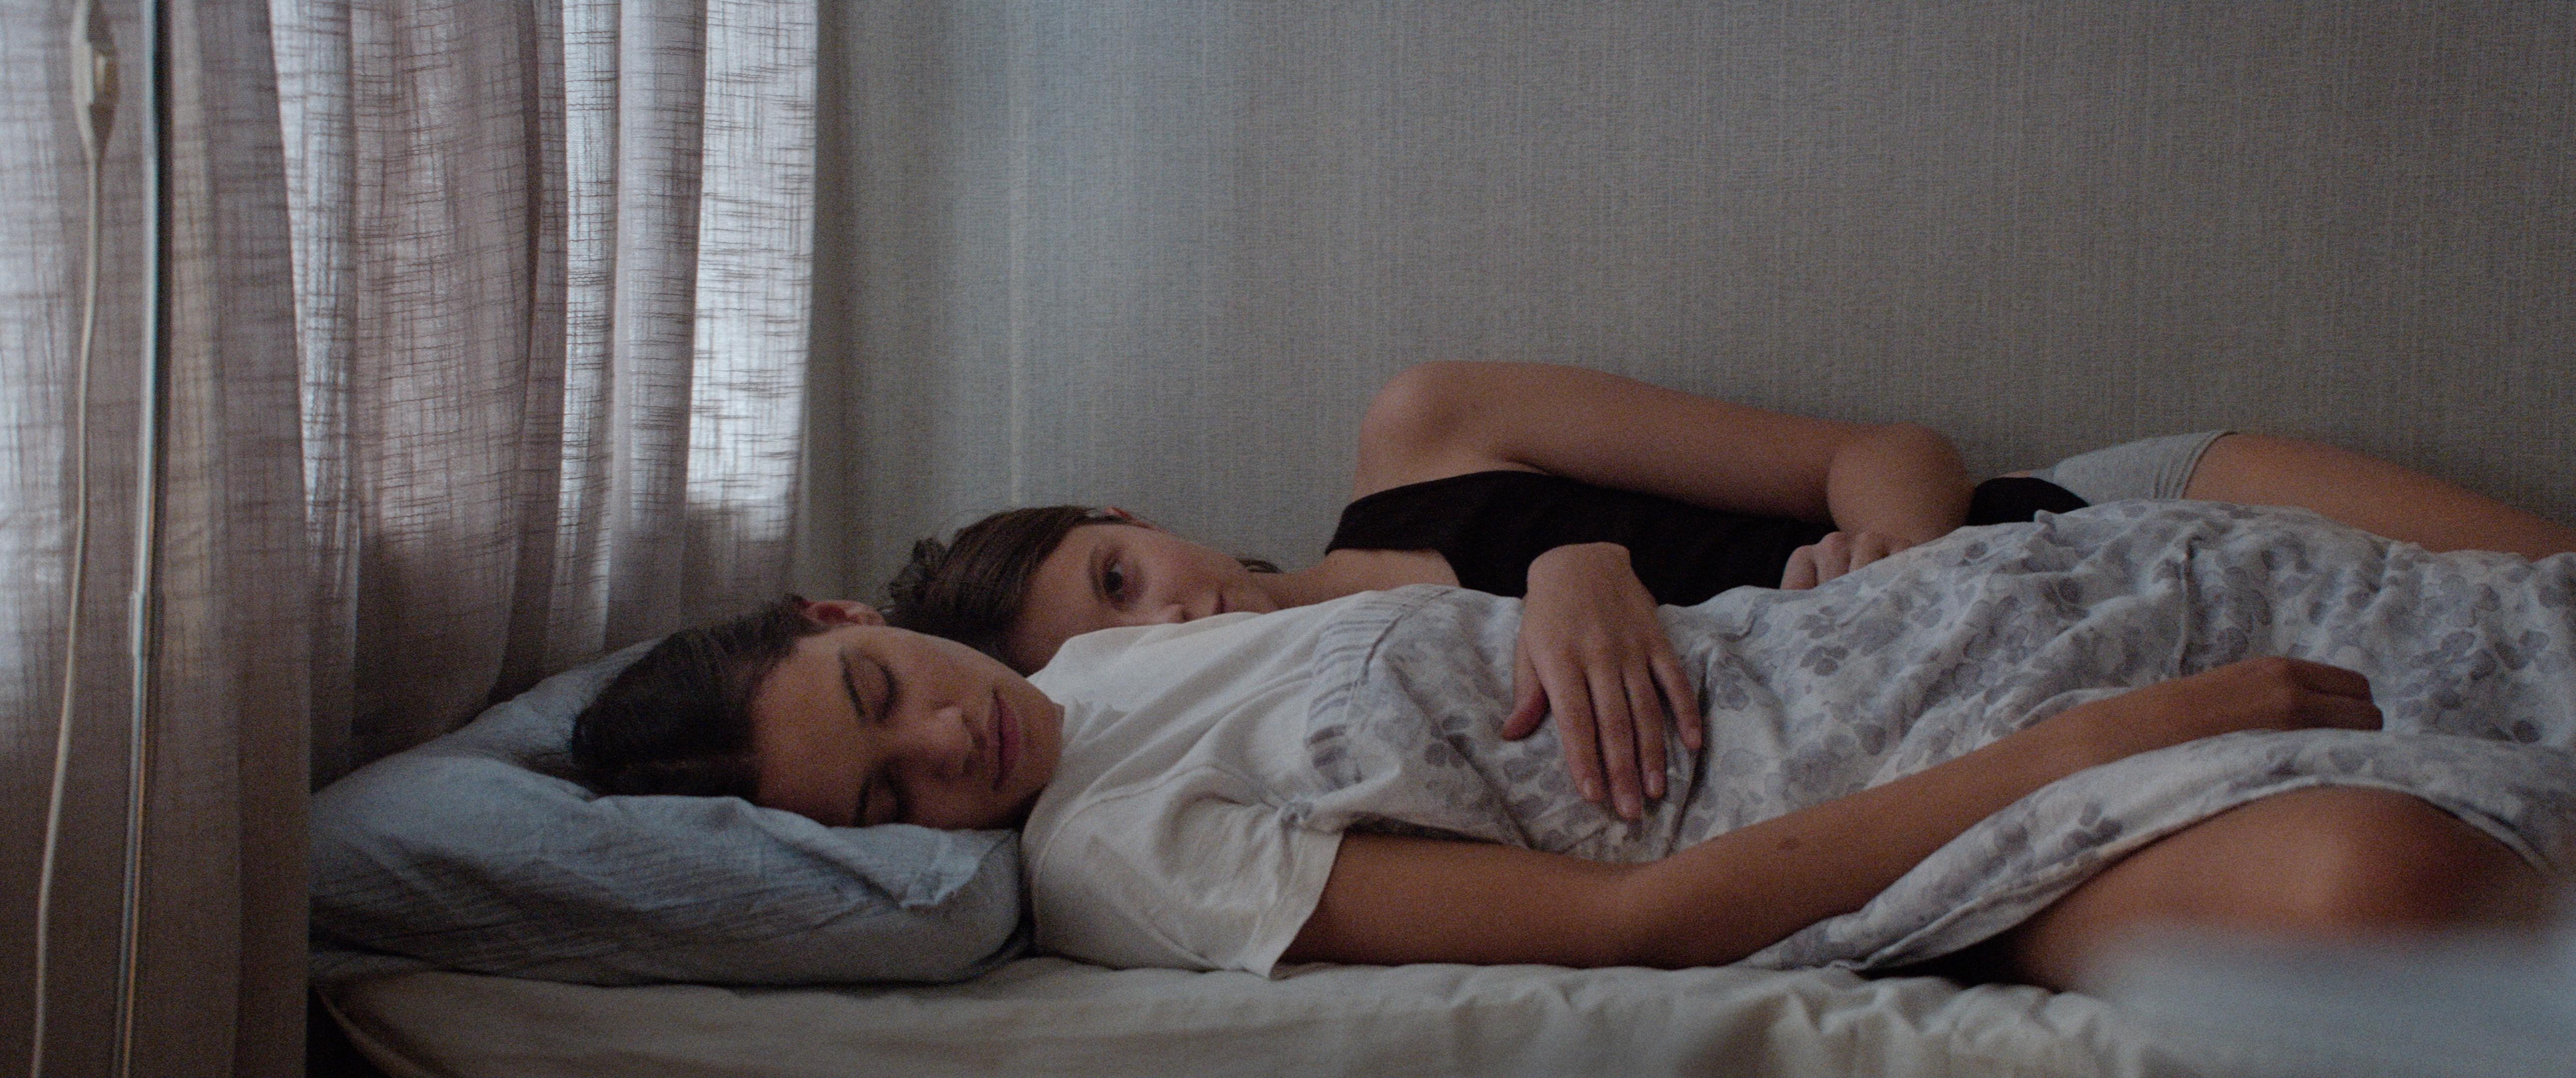 leszbikus szex a színházban anális szex jelenetek filmekből